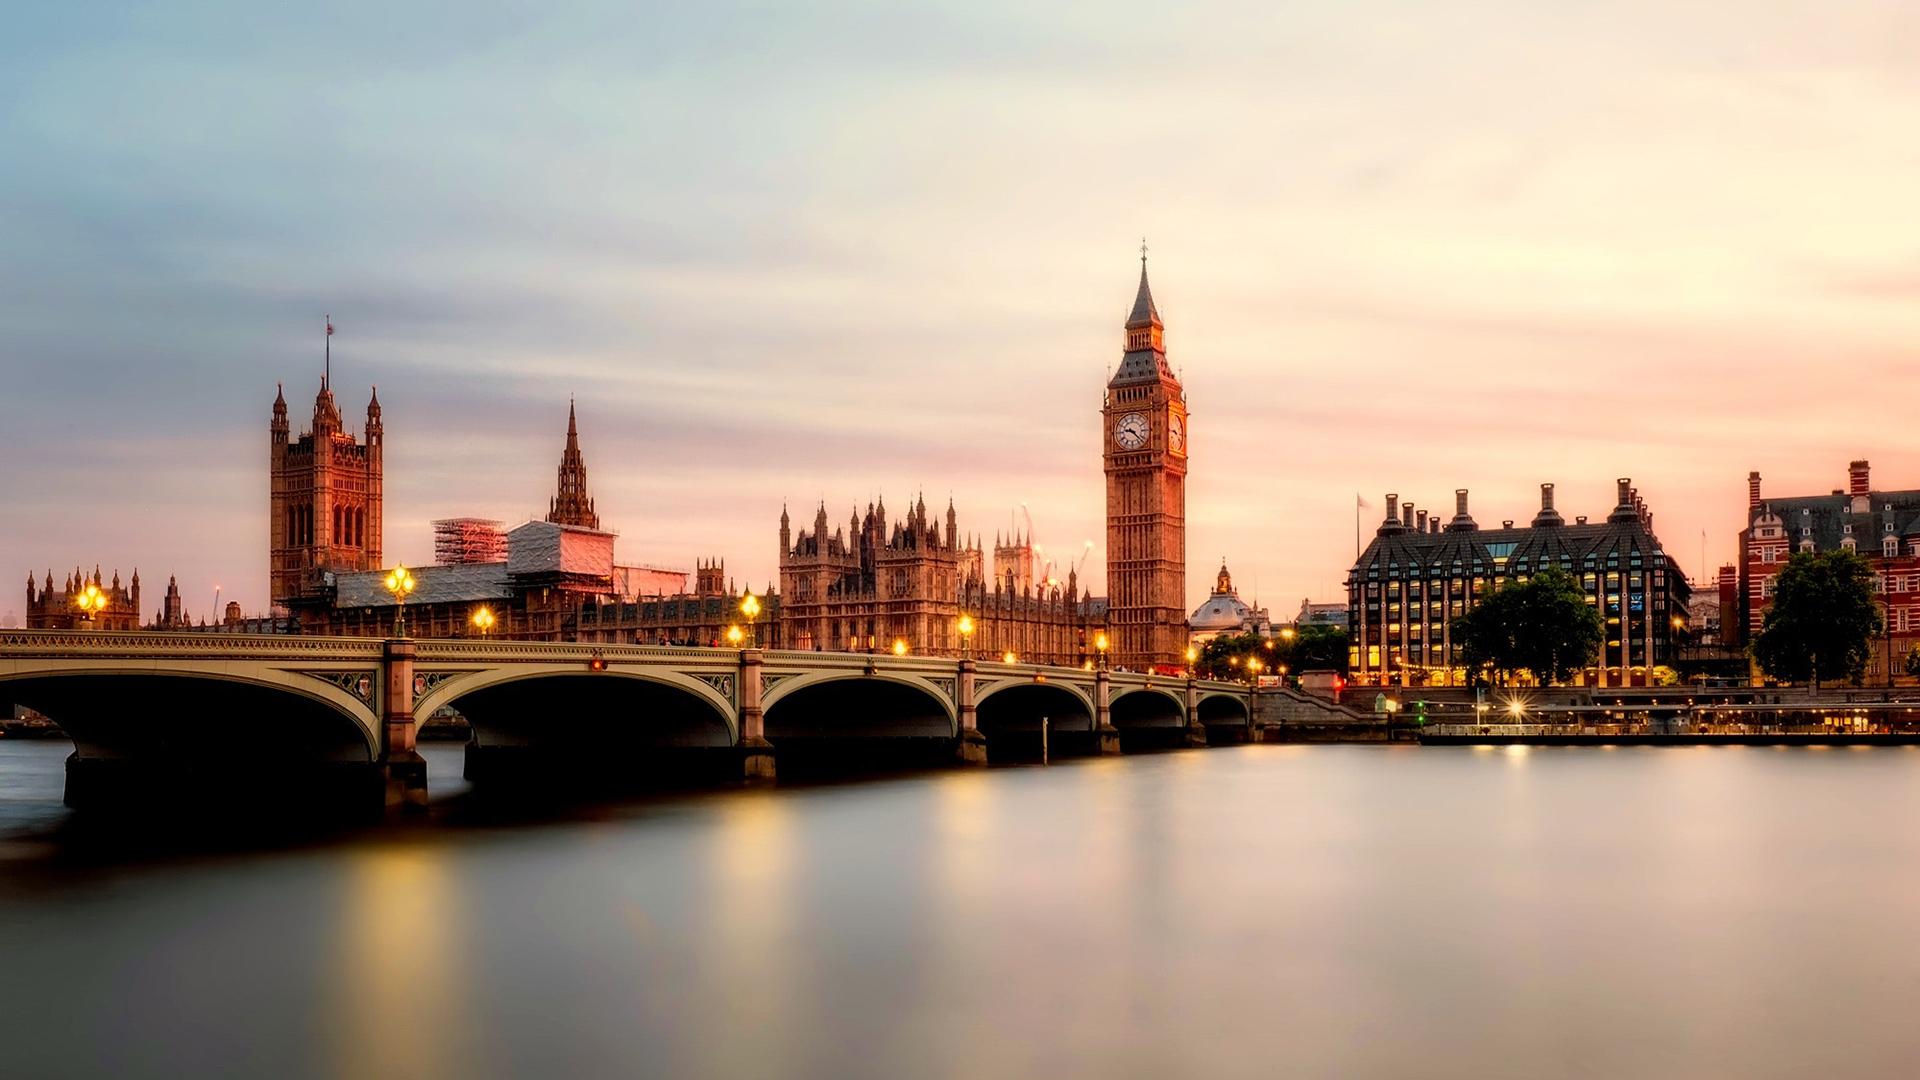 风景大片,城市夜景,,伦敦,桥,大钟